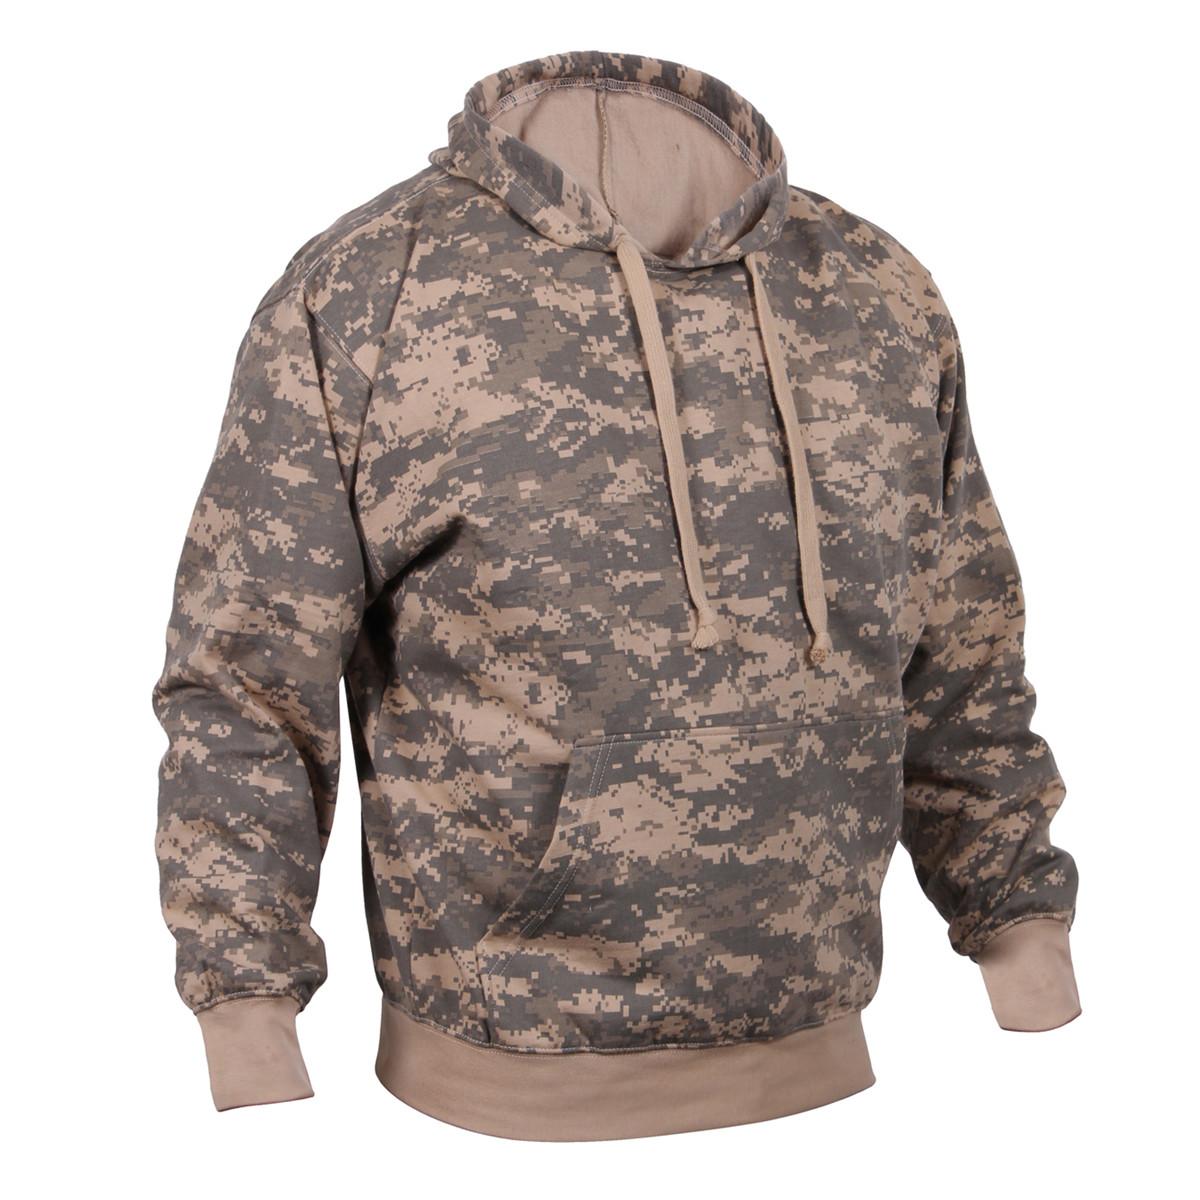 Shop Army Digital Camo Pullover Hooded Sweatshirts - Fatigues Army Navy Gear ab9b099feac